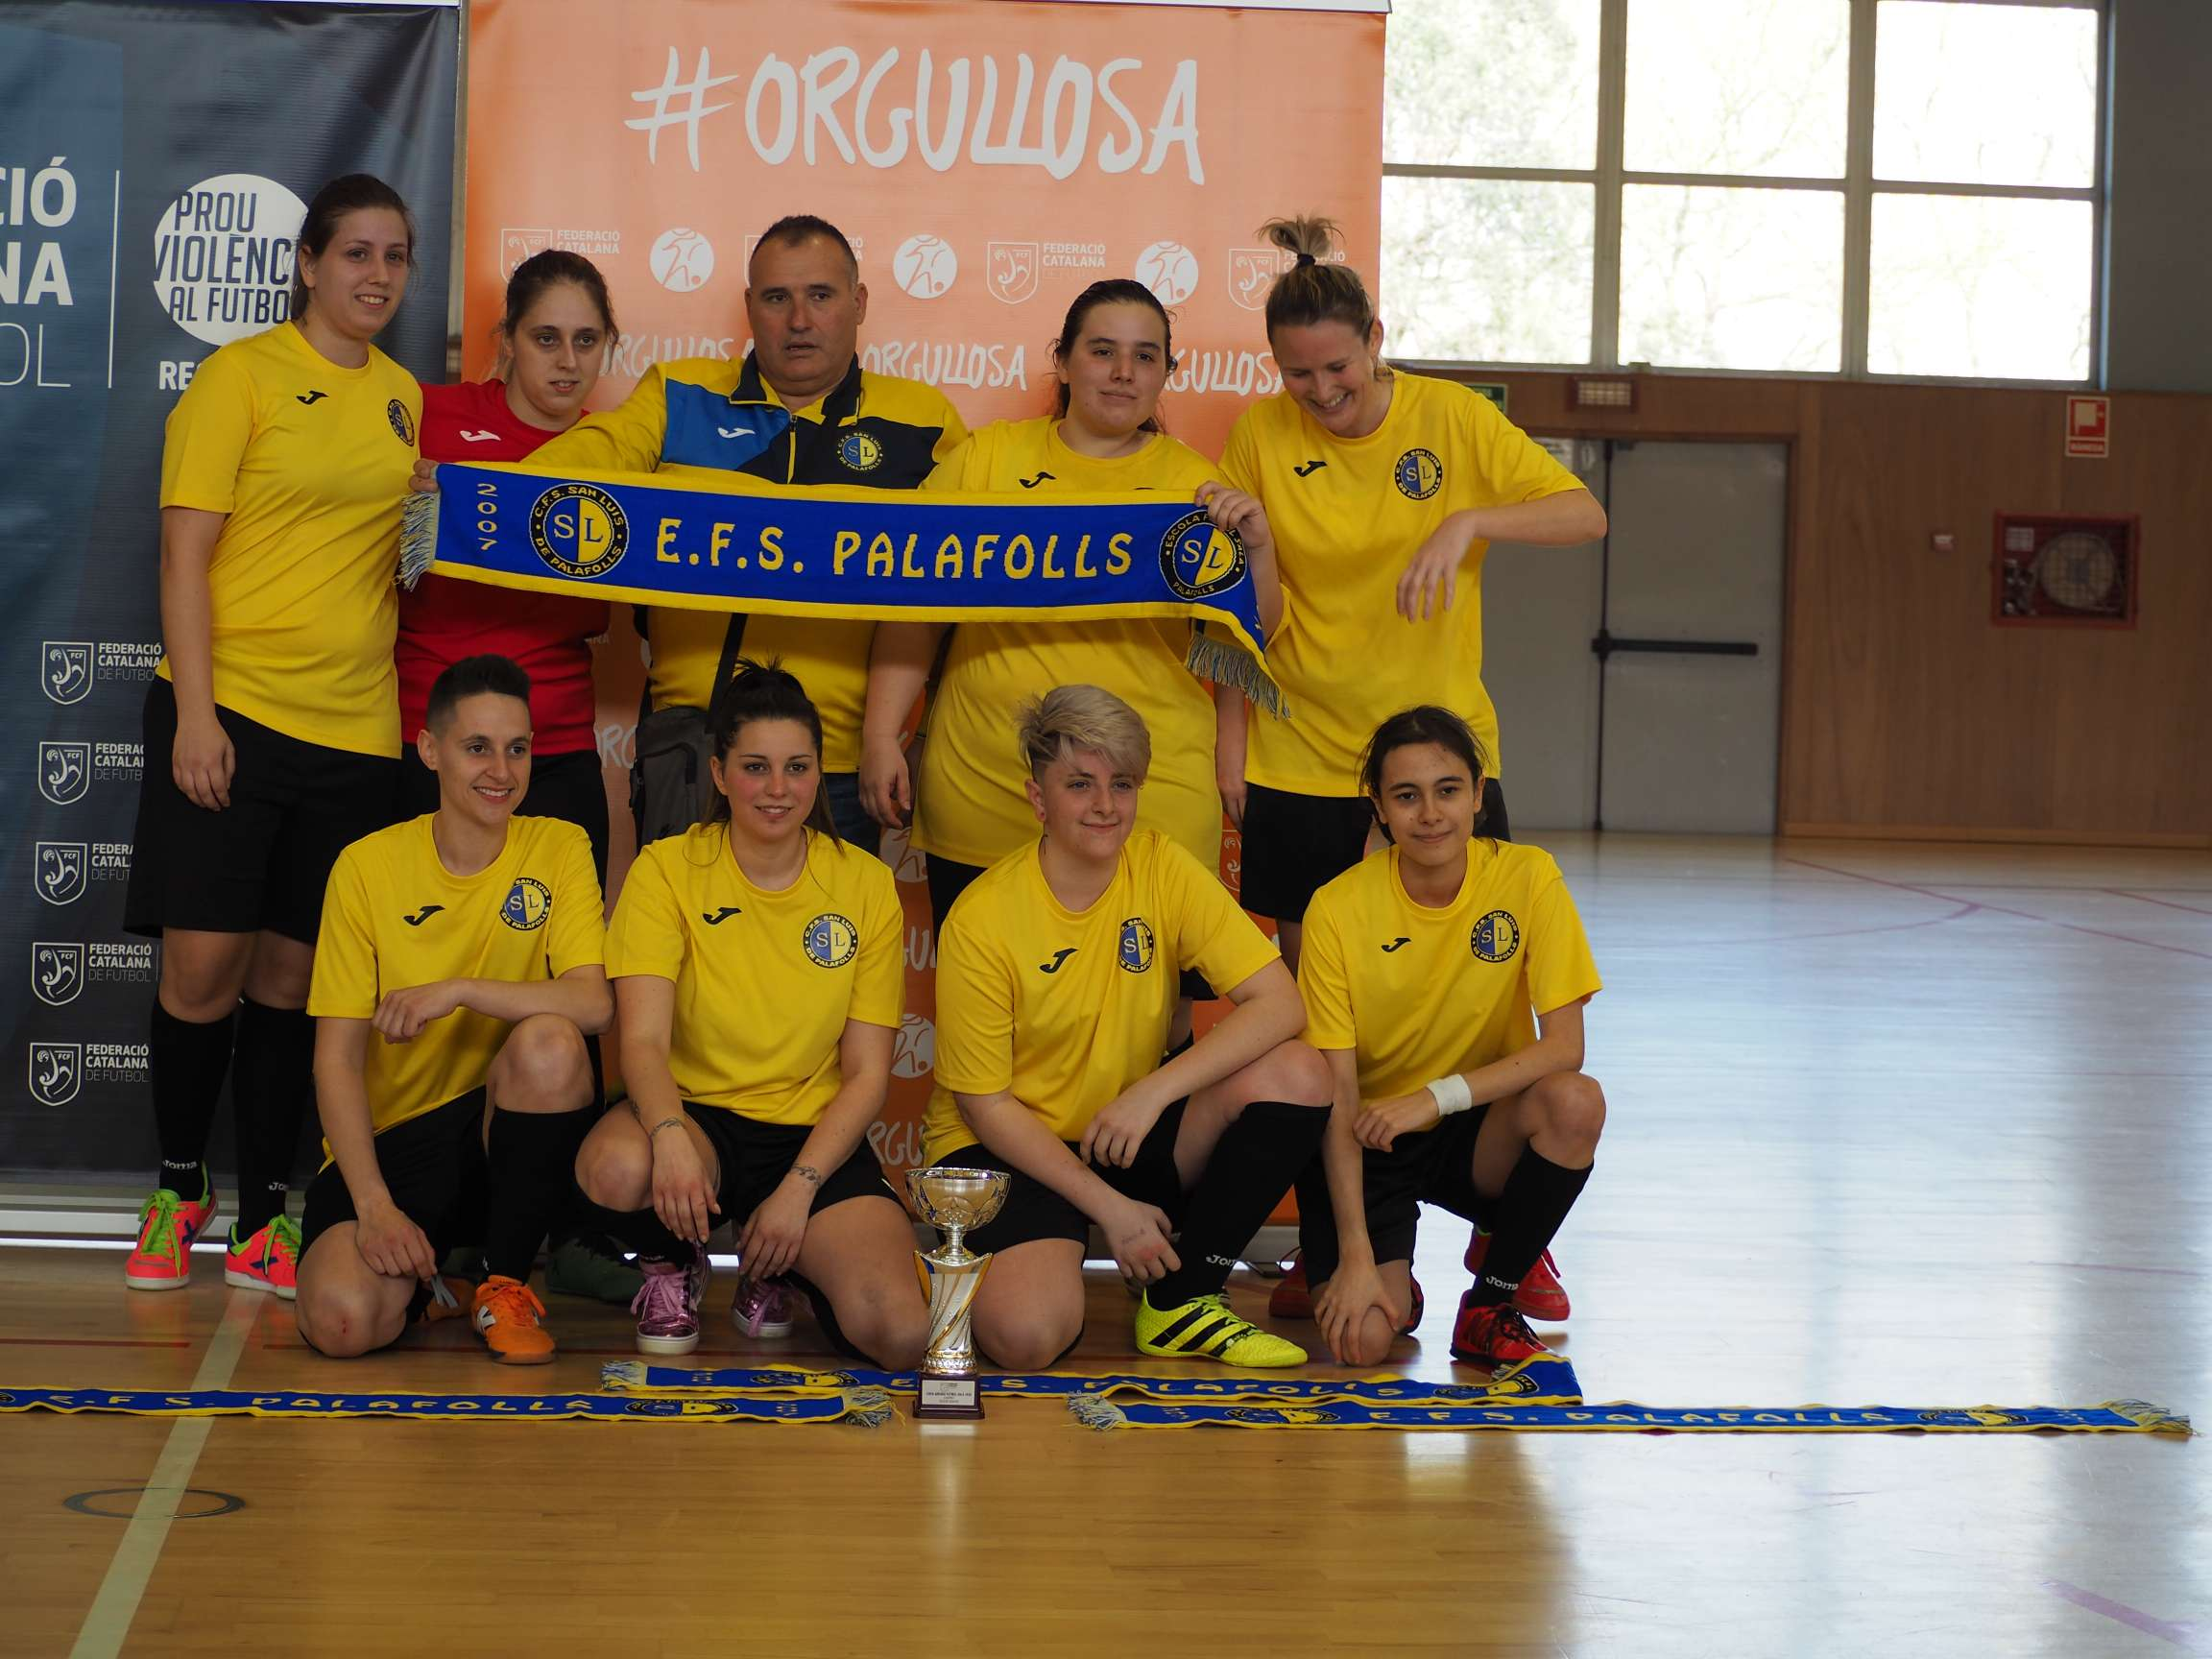 Campió Sènior femení Copa Girona - EFS Palafolls 'A'